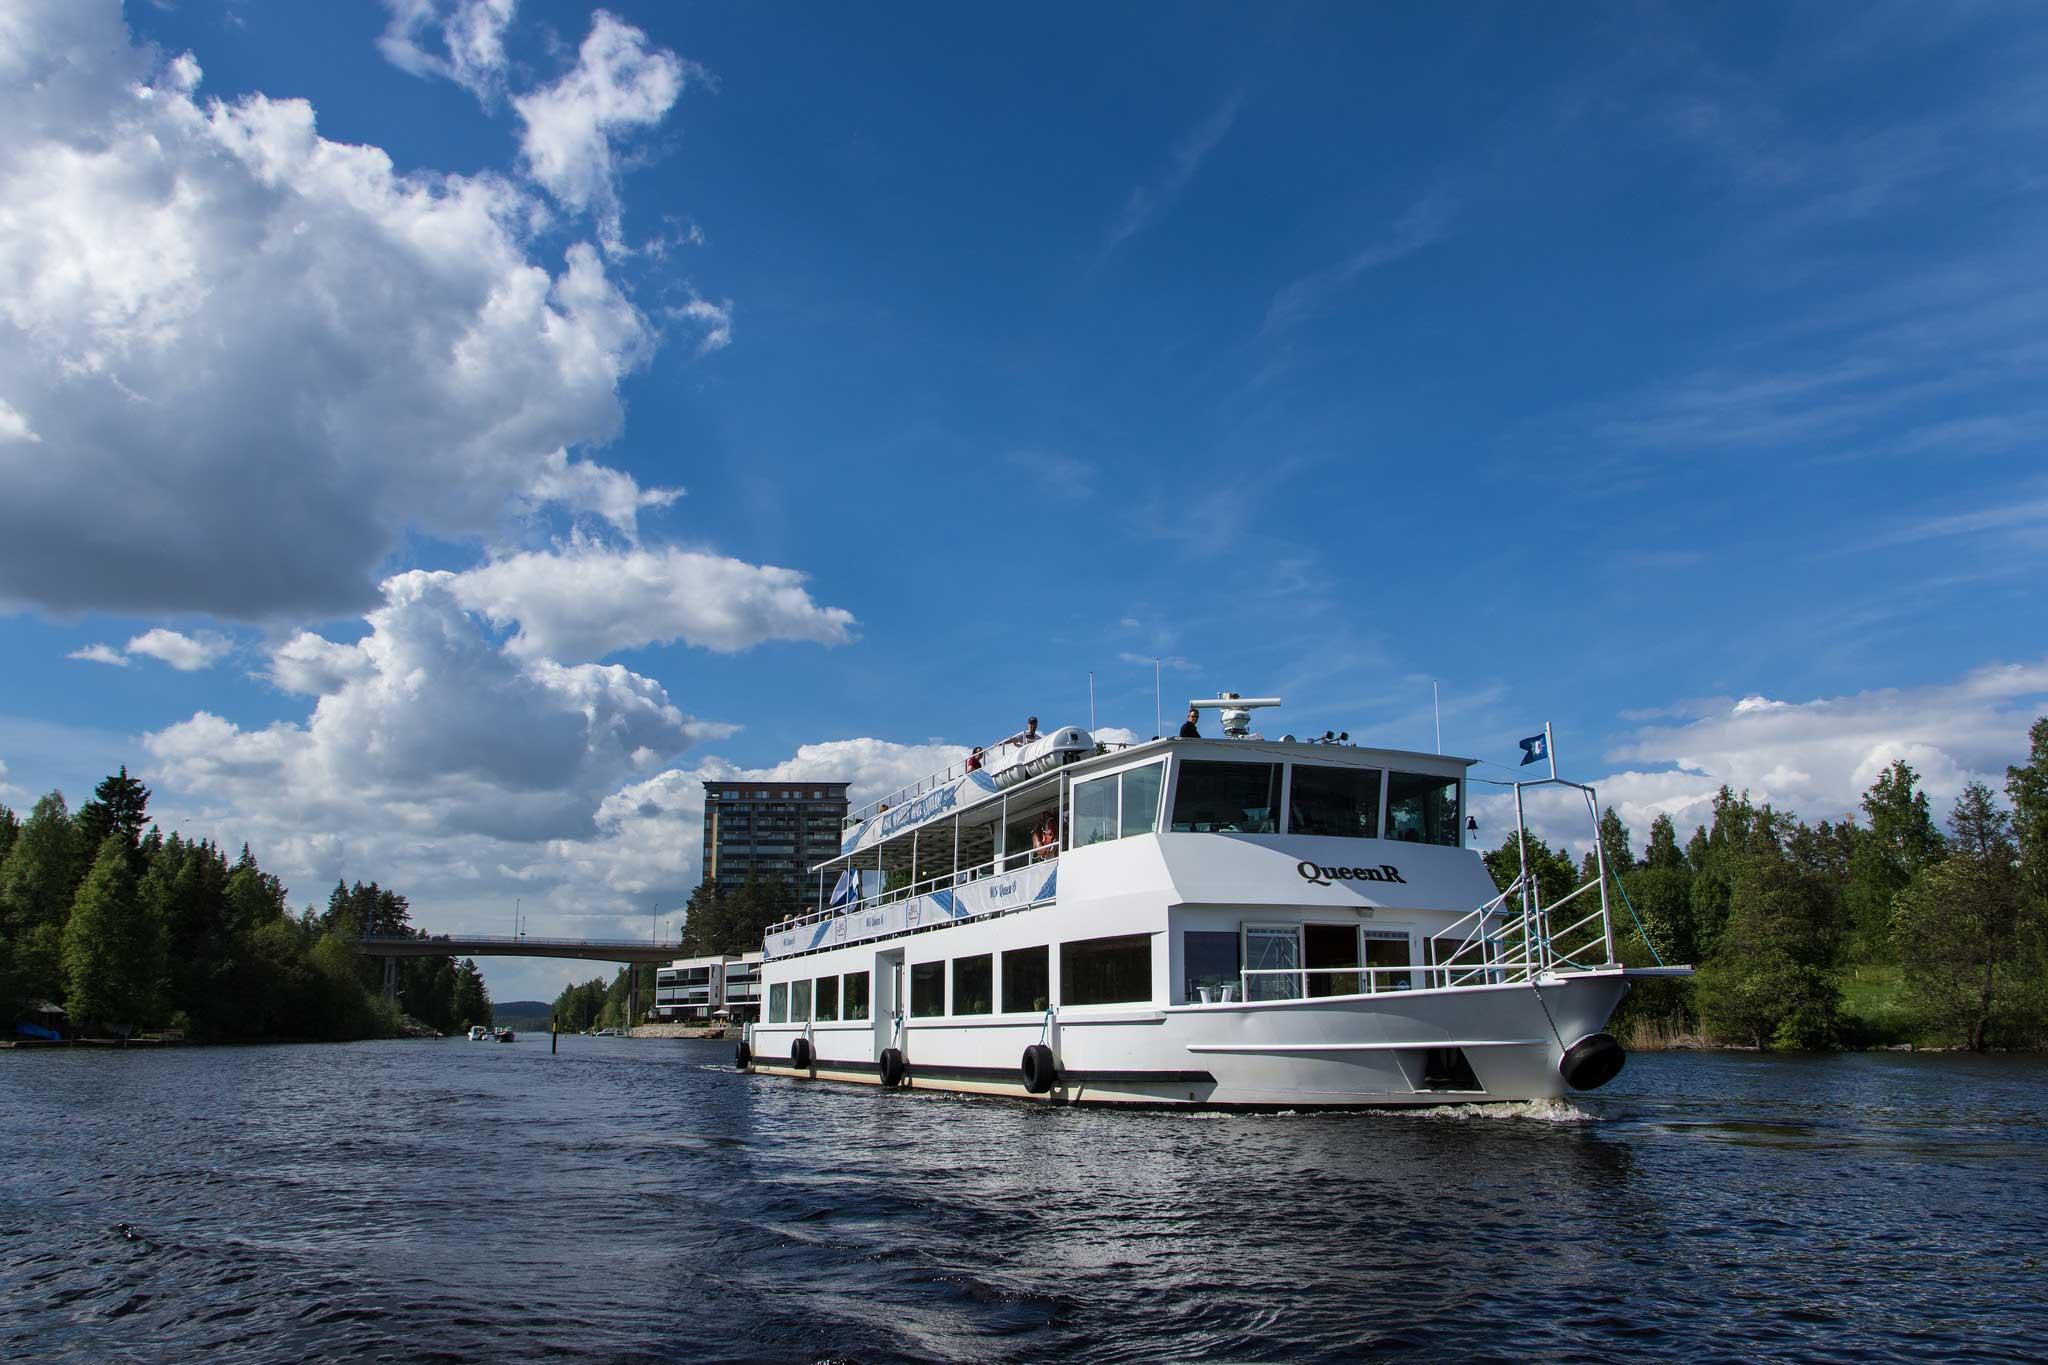 M/S Quuen R -risteilylaiva Keilakannan kanavassa Kuopiossa